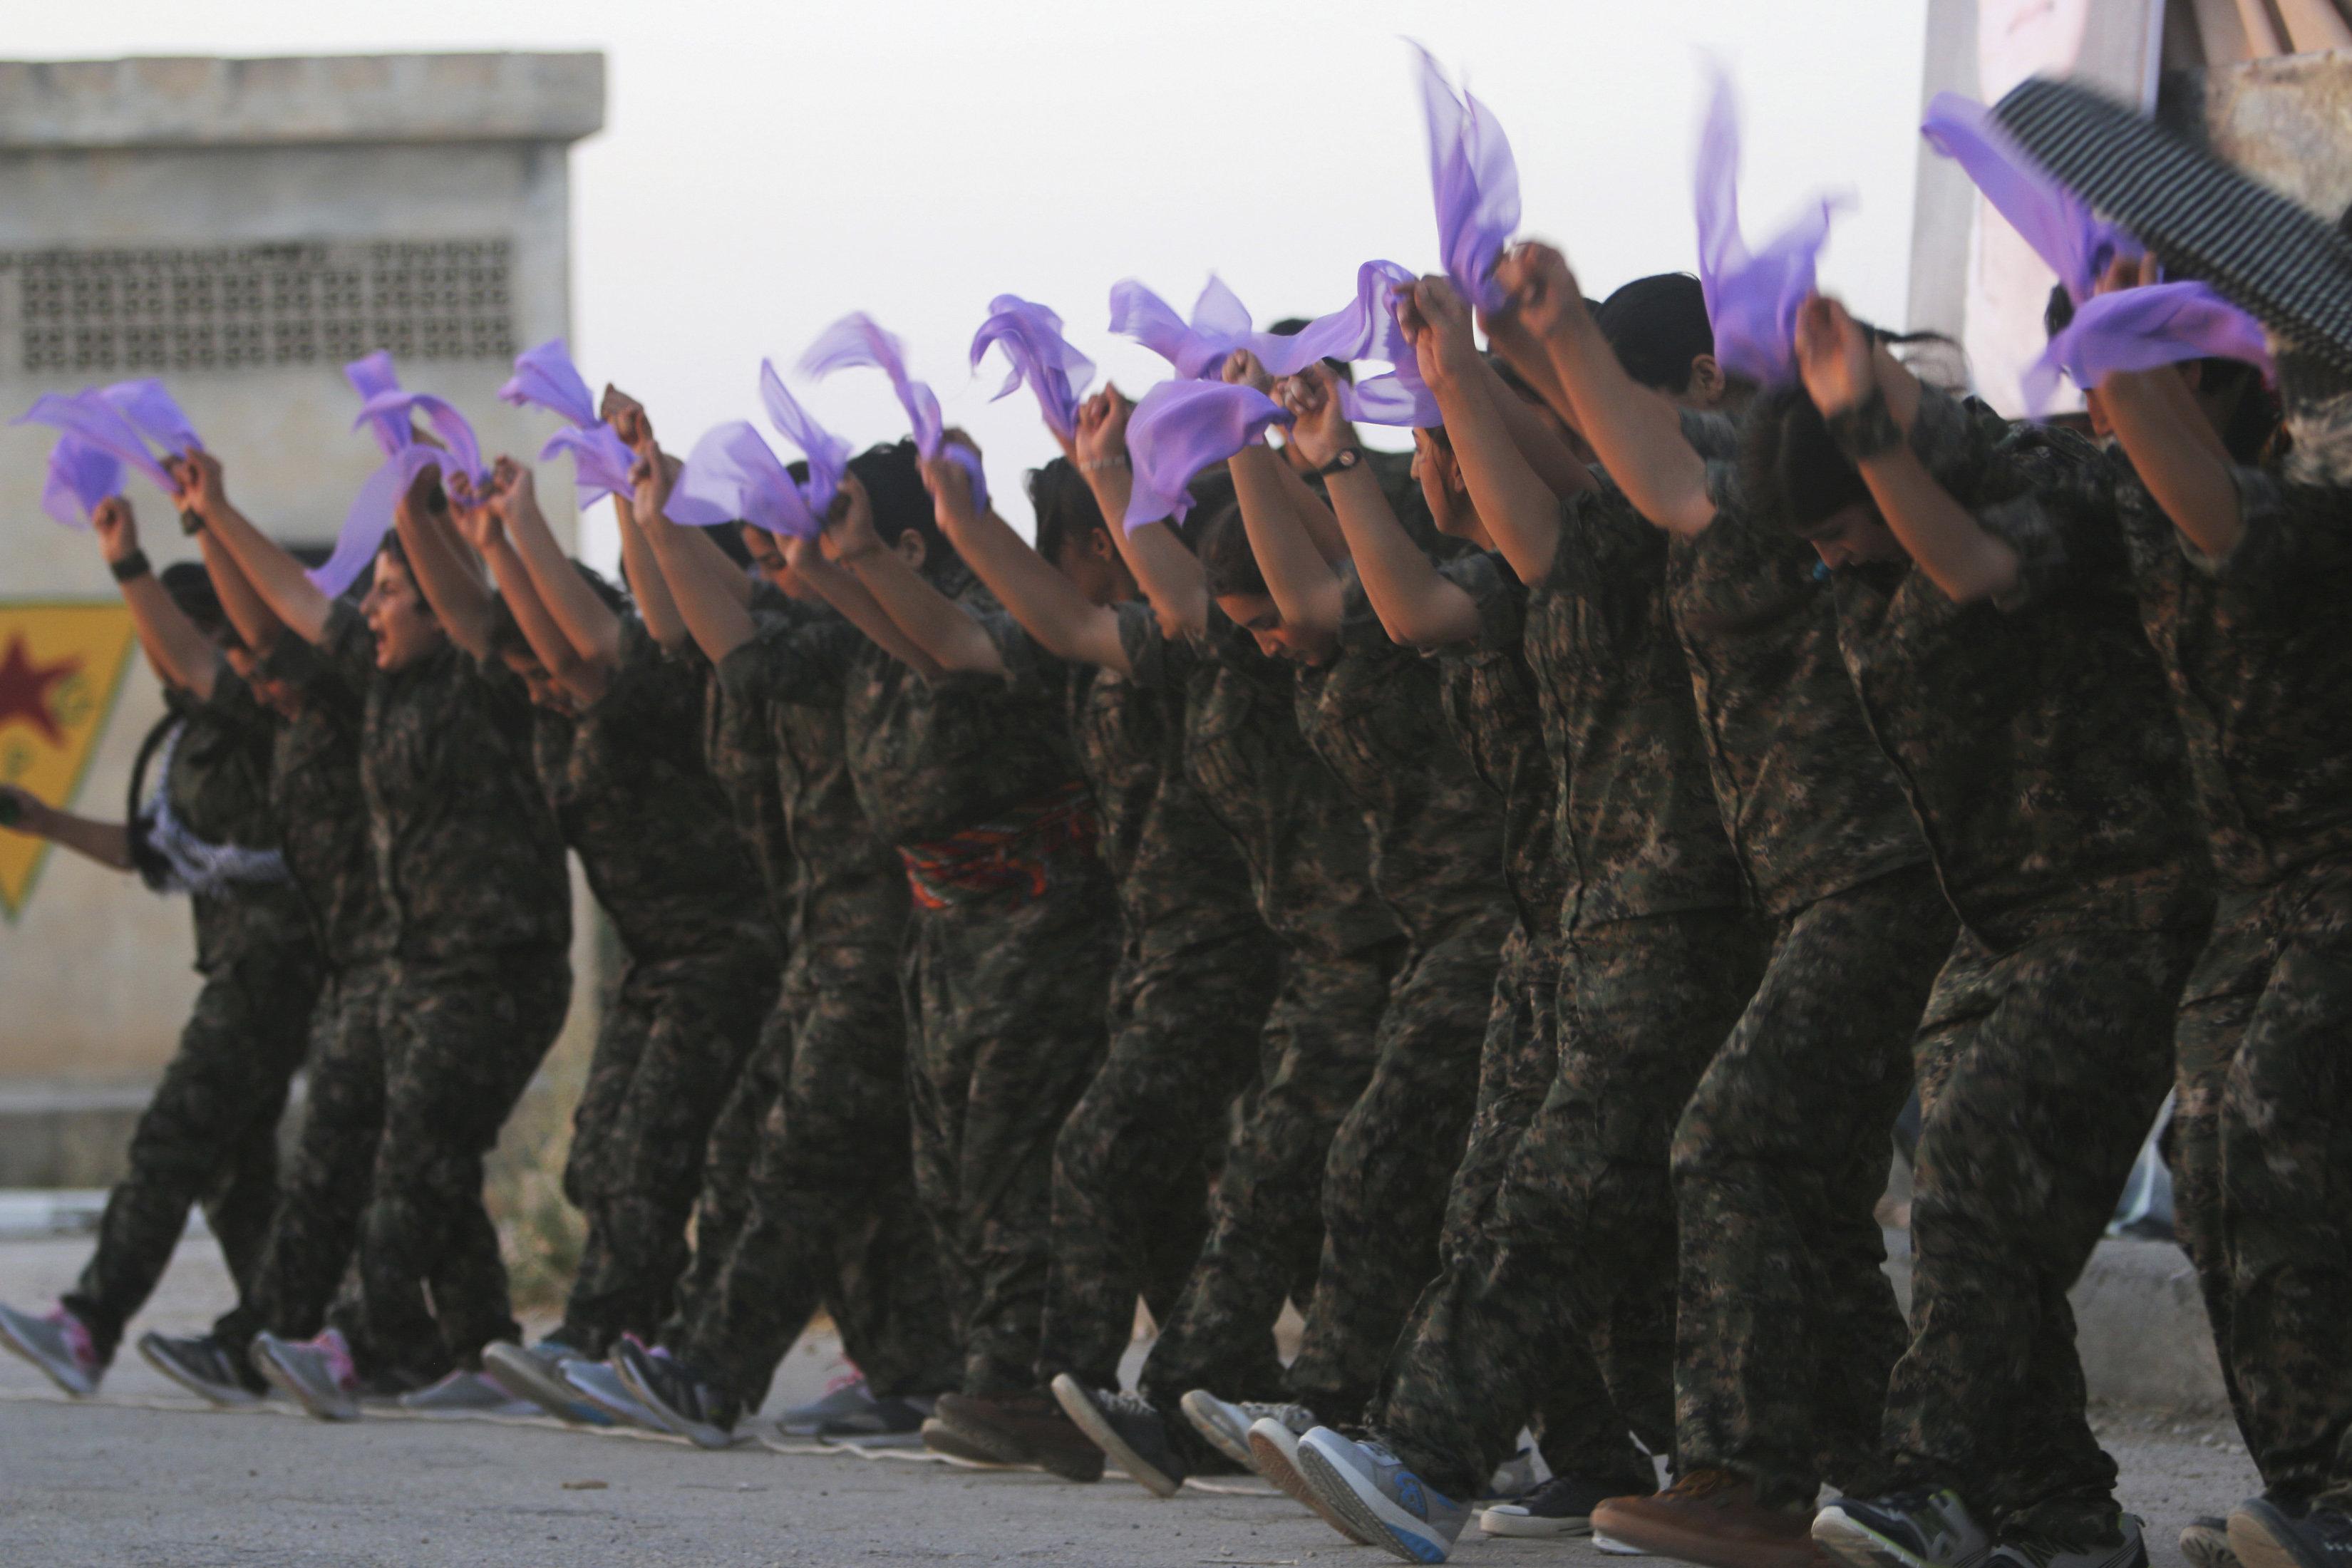 Συρία Κούρδοι καταγγέλλουν κτηνωδία σε βάρος νεκρής μαχήτριάς τους από φιλότουρκους αντάρτες